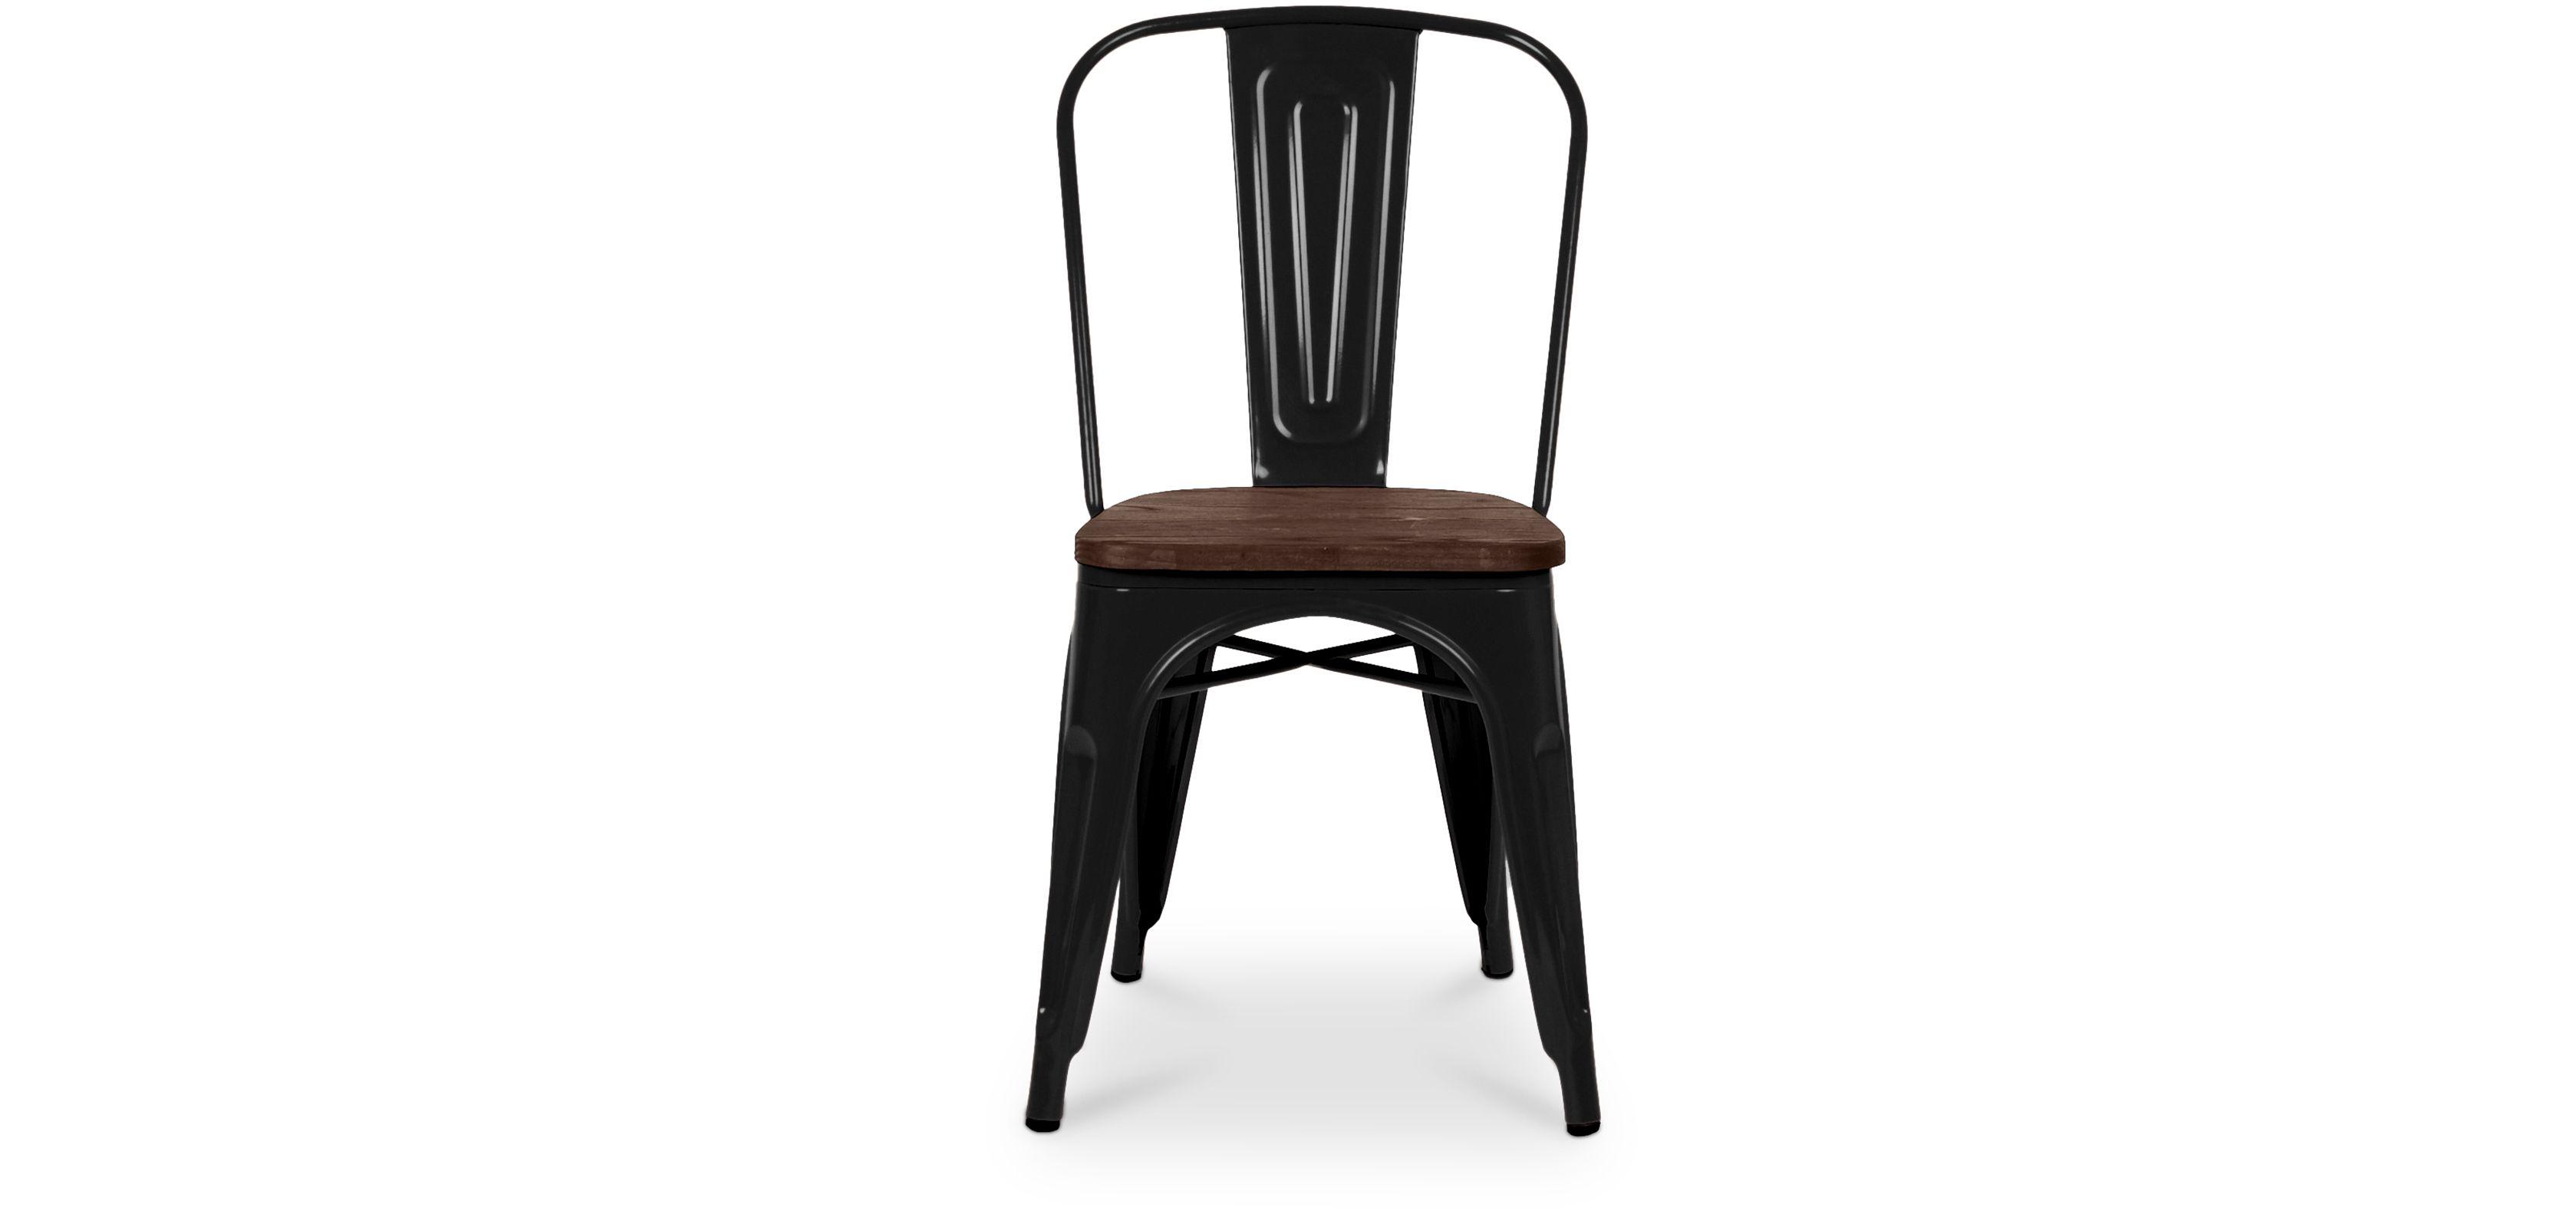 Chaise Tolix Assise En Bois Xavier Pauchard Style Metal Pas Cher Chaise Metal Industriel Chaise Plastique Chaises Tolix